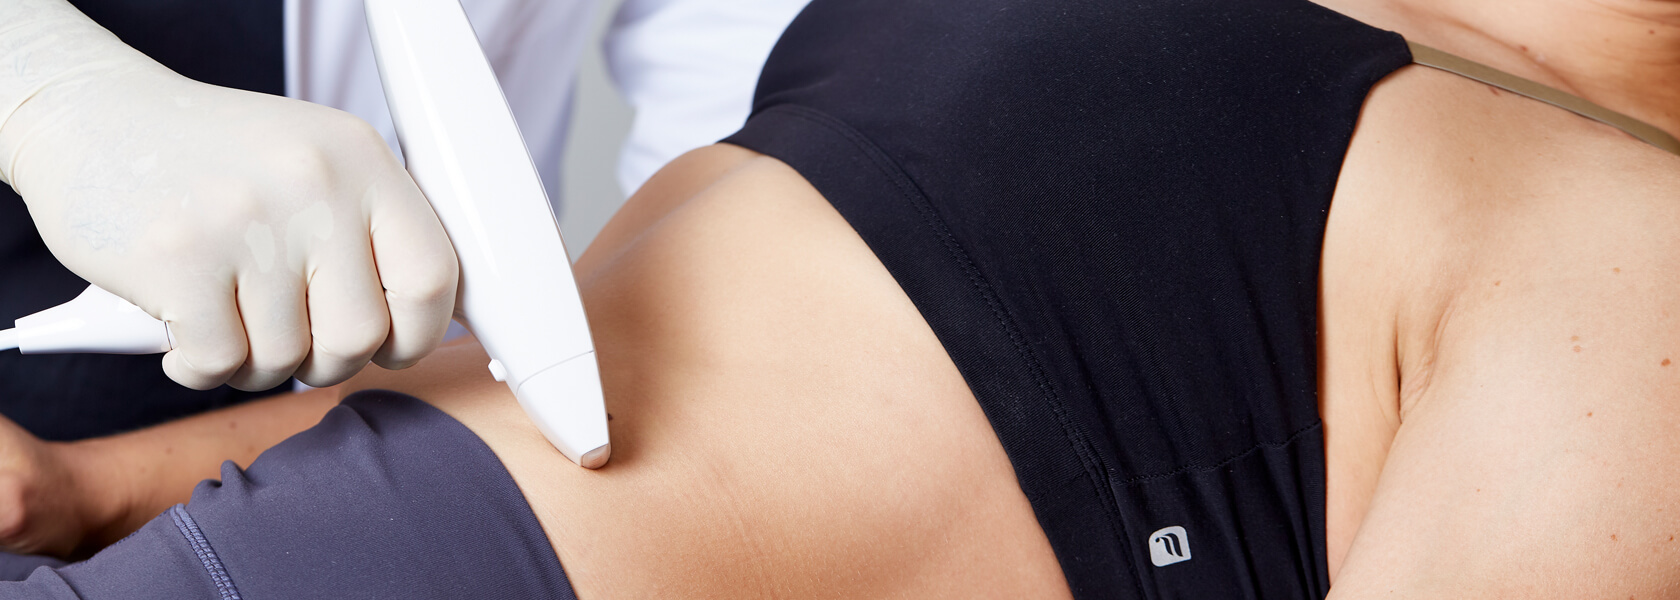 Dehnungsstreifen entfernen, Schwangerschaftsstreifen entfernen in Linz